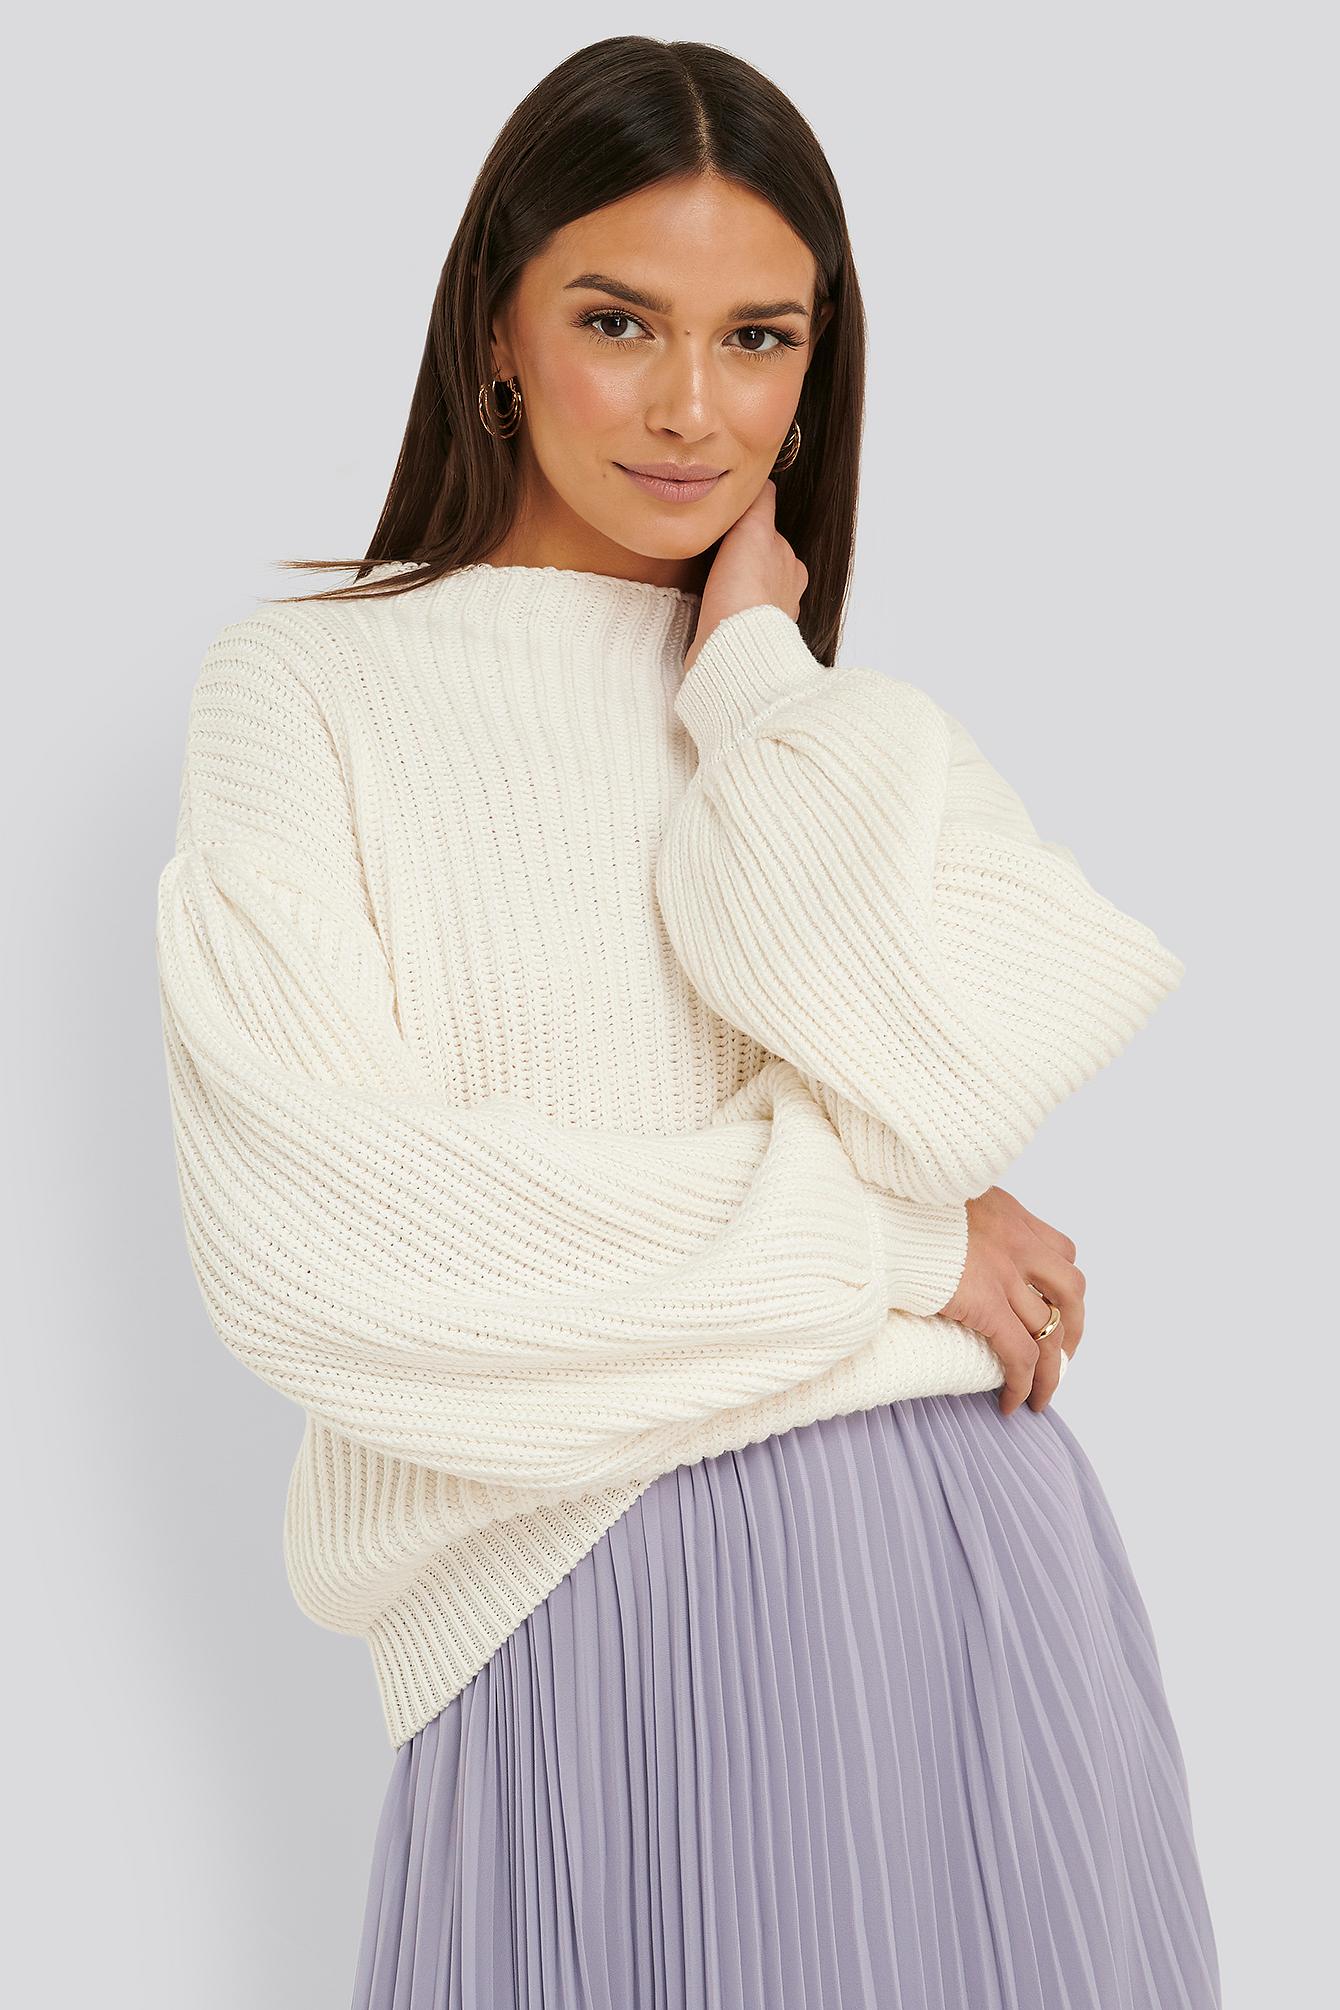 Shop Ivory white jacquard knit crew neck long sleeve